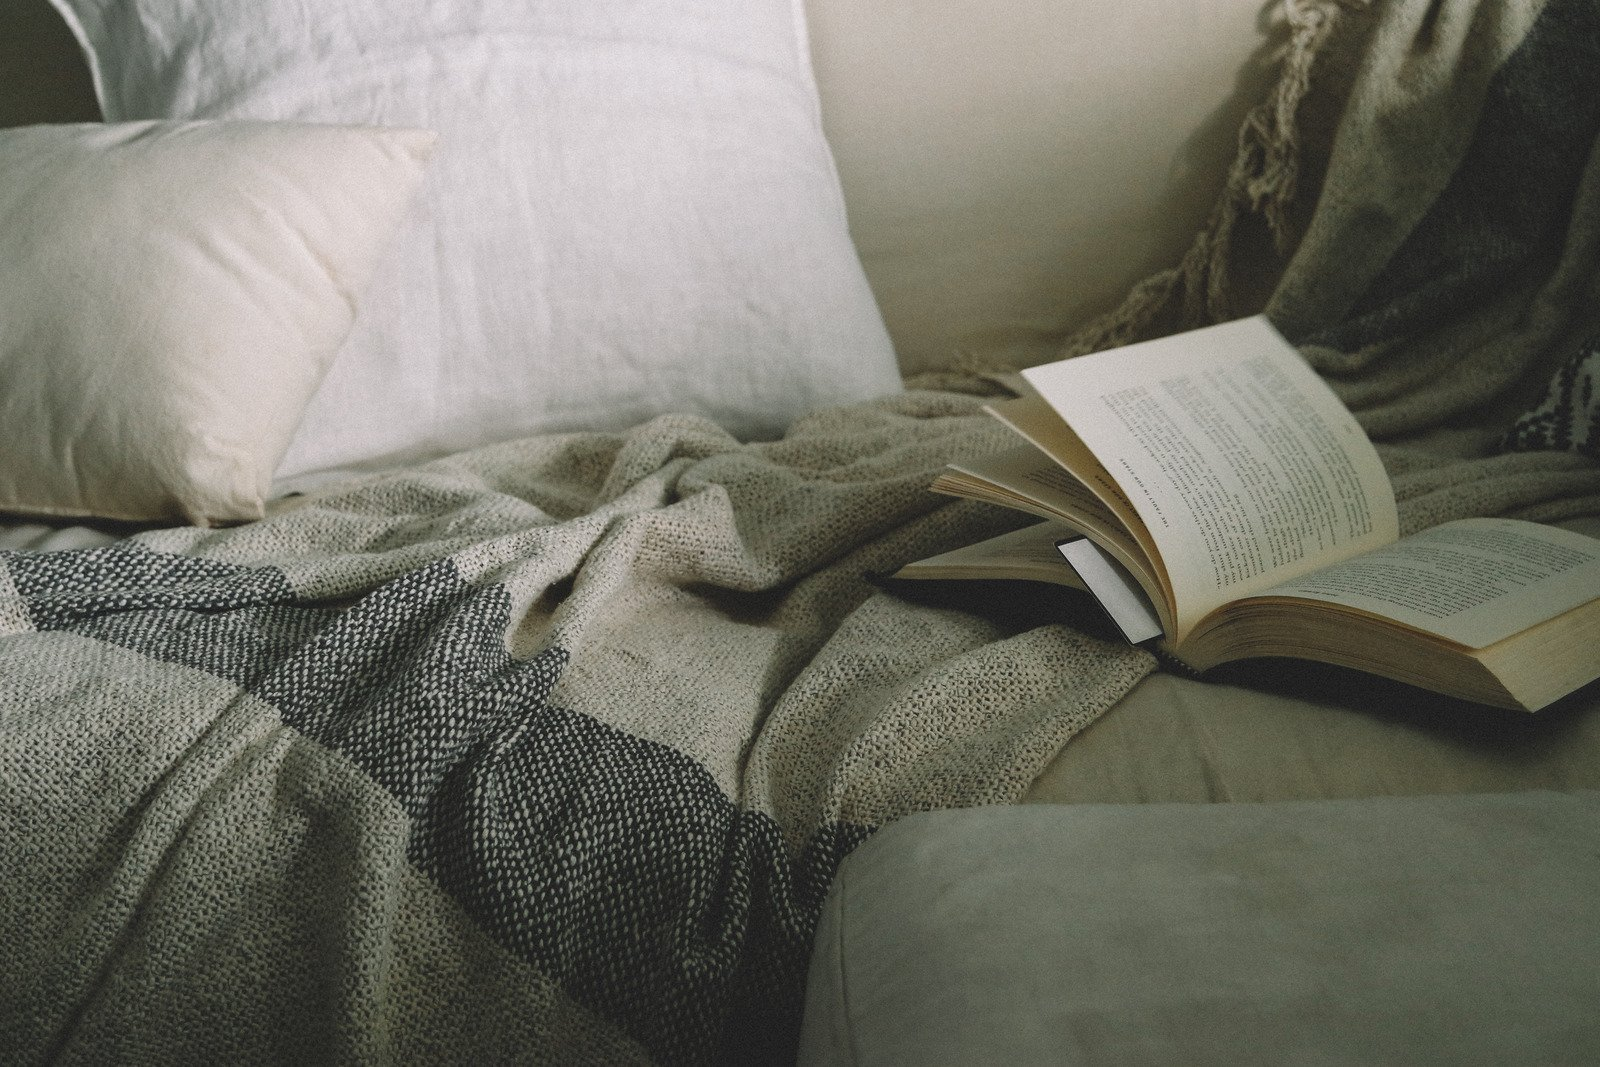 Targetkan membaca buku yang belum sempat disentuh